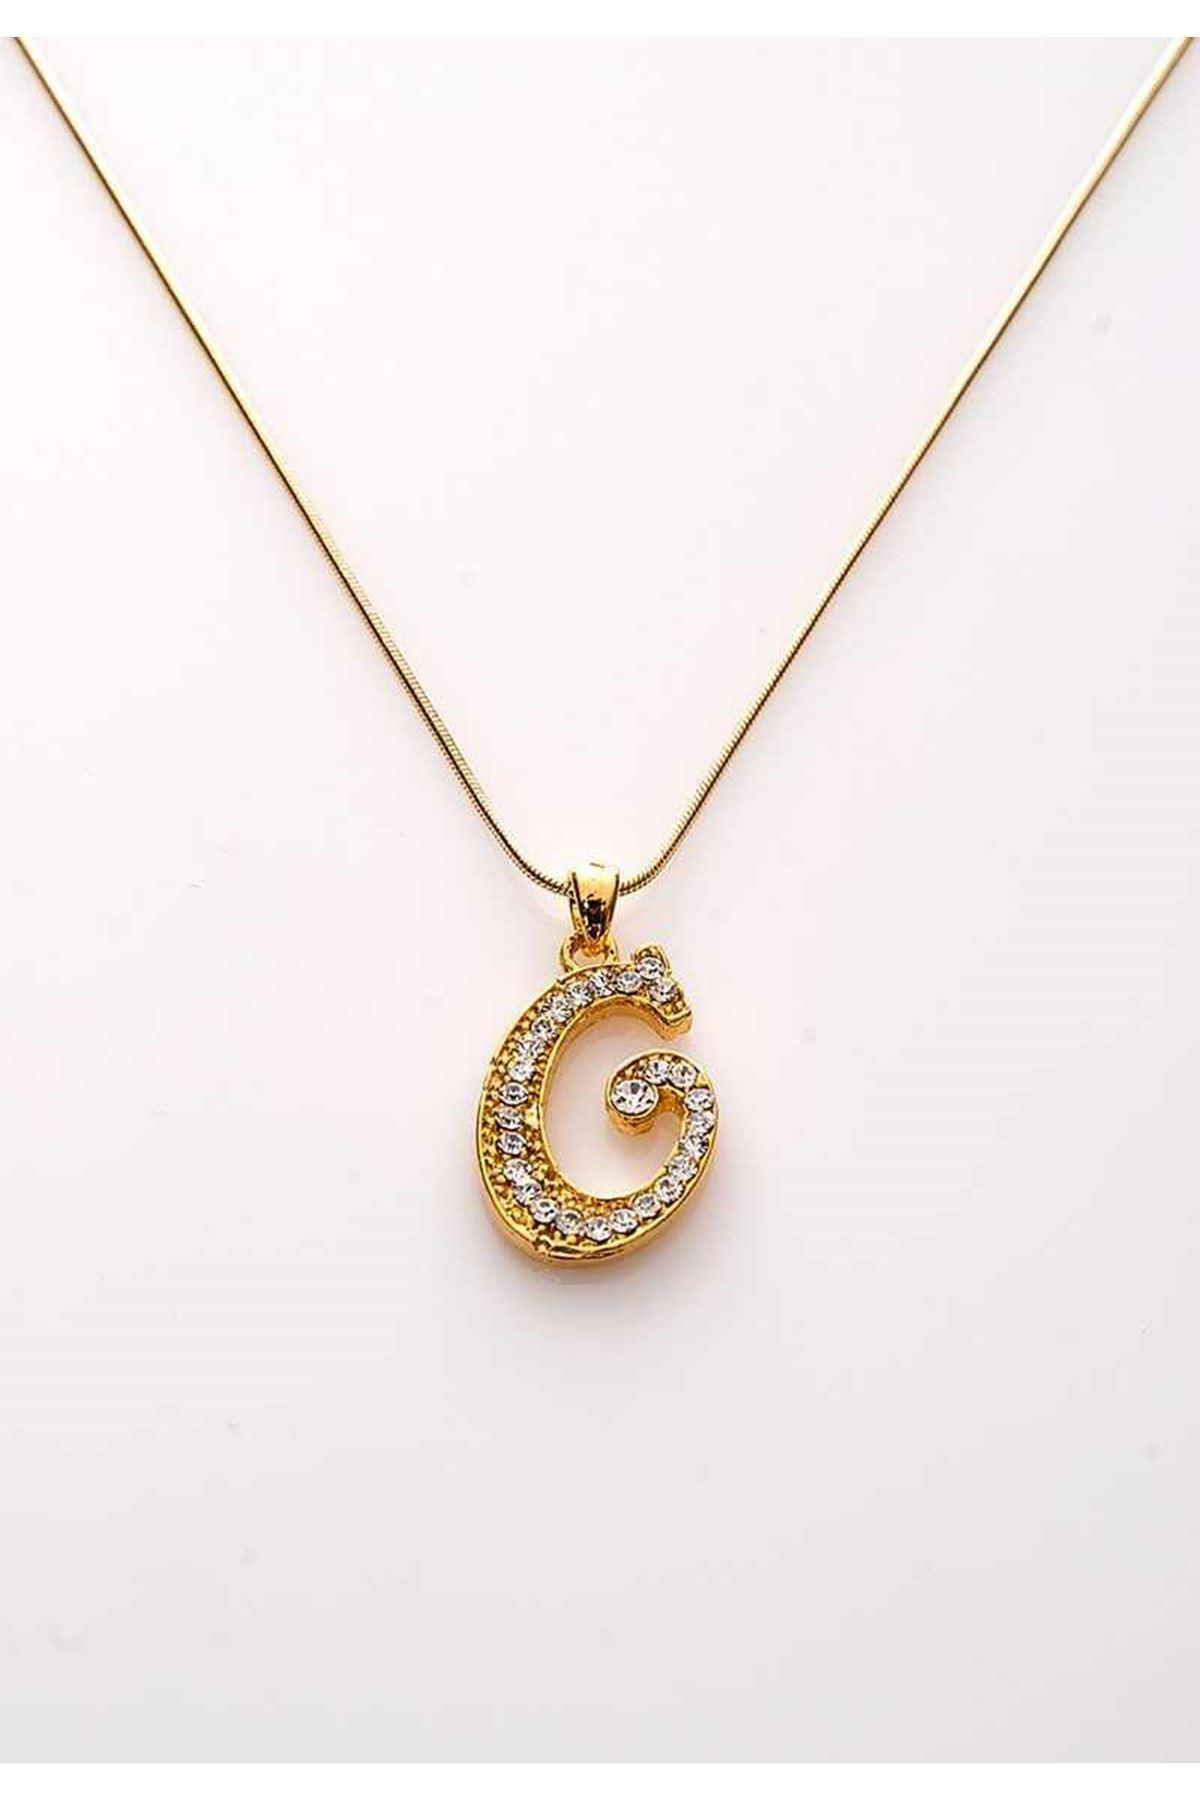 Gold Taşlı G Harf Kolye 11Ç-107847